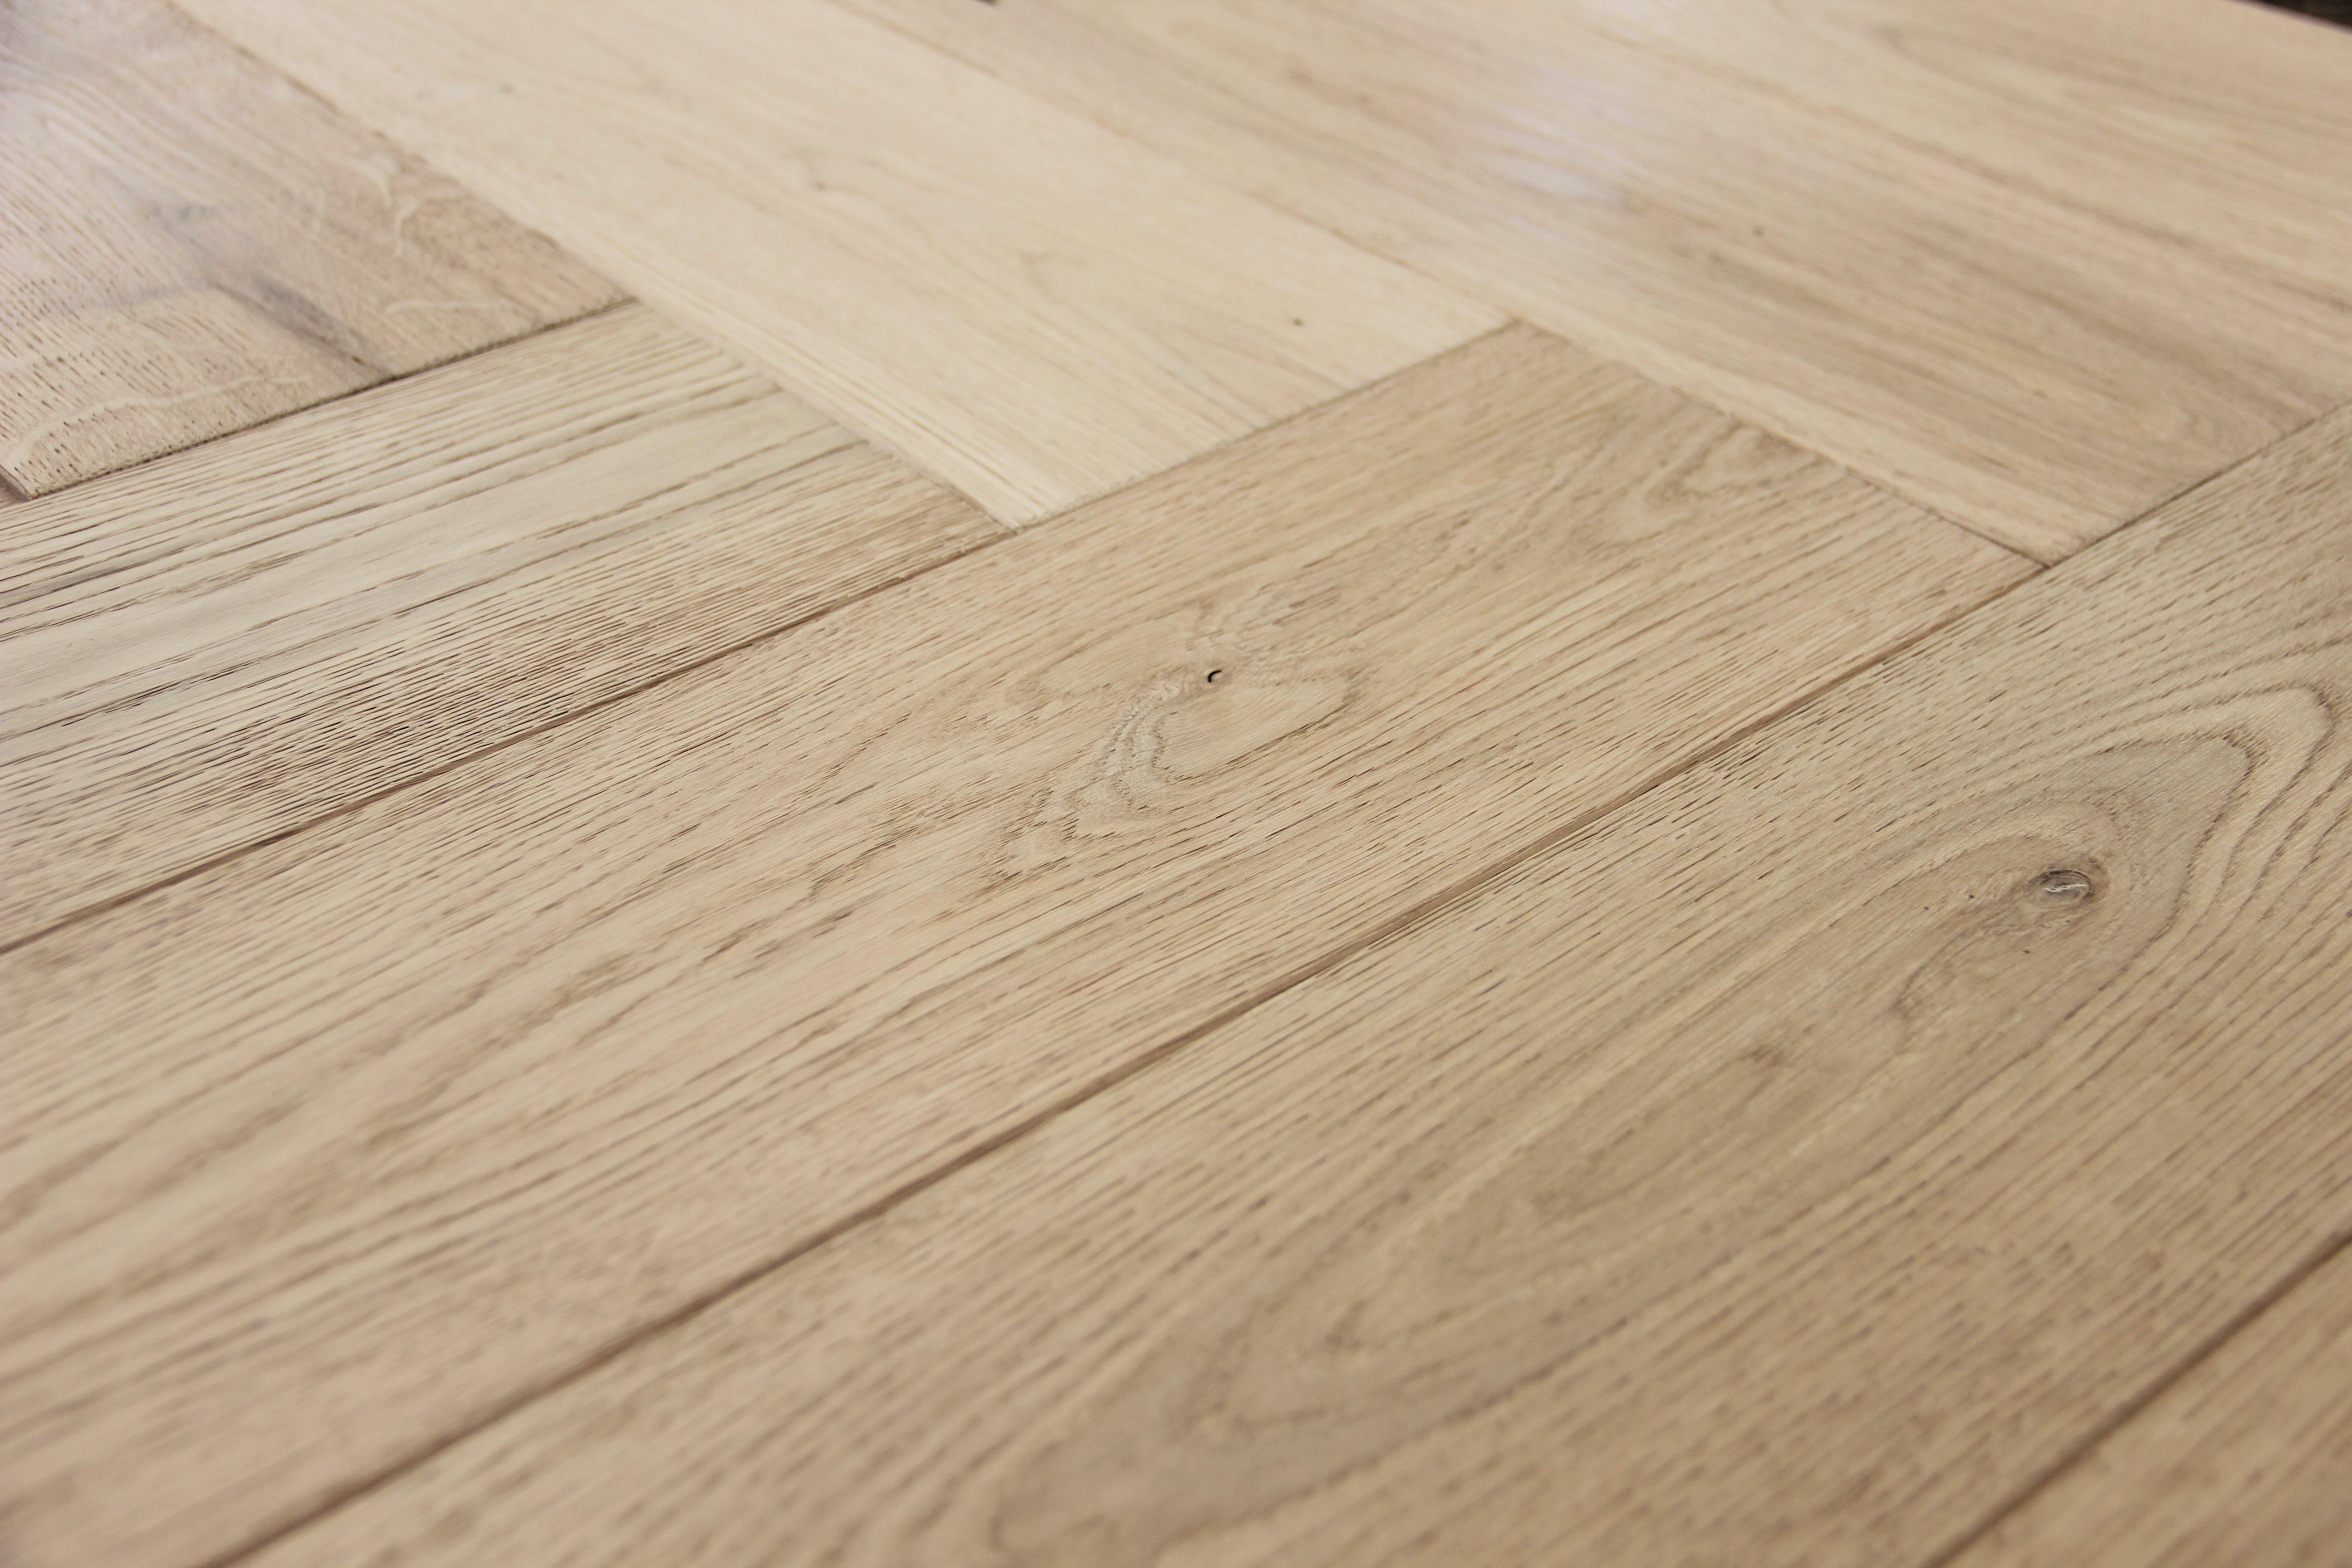 Holzboden Modern kostenlose foto die architektur holz haus textur stock innere